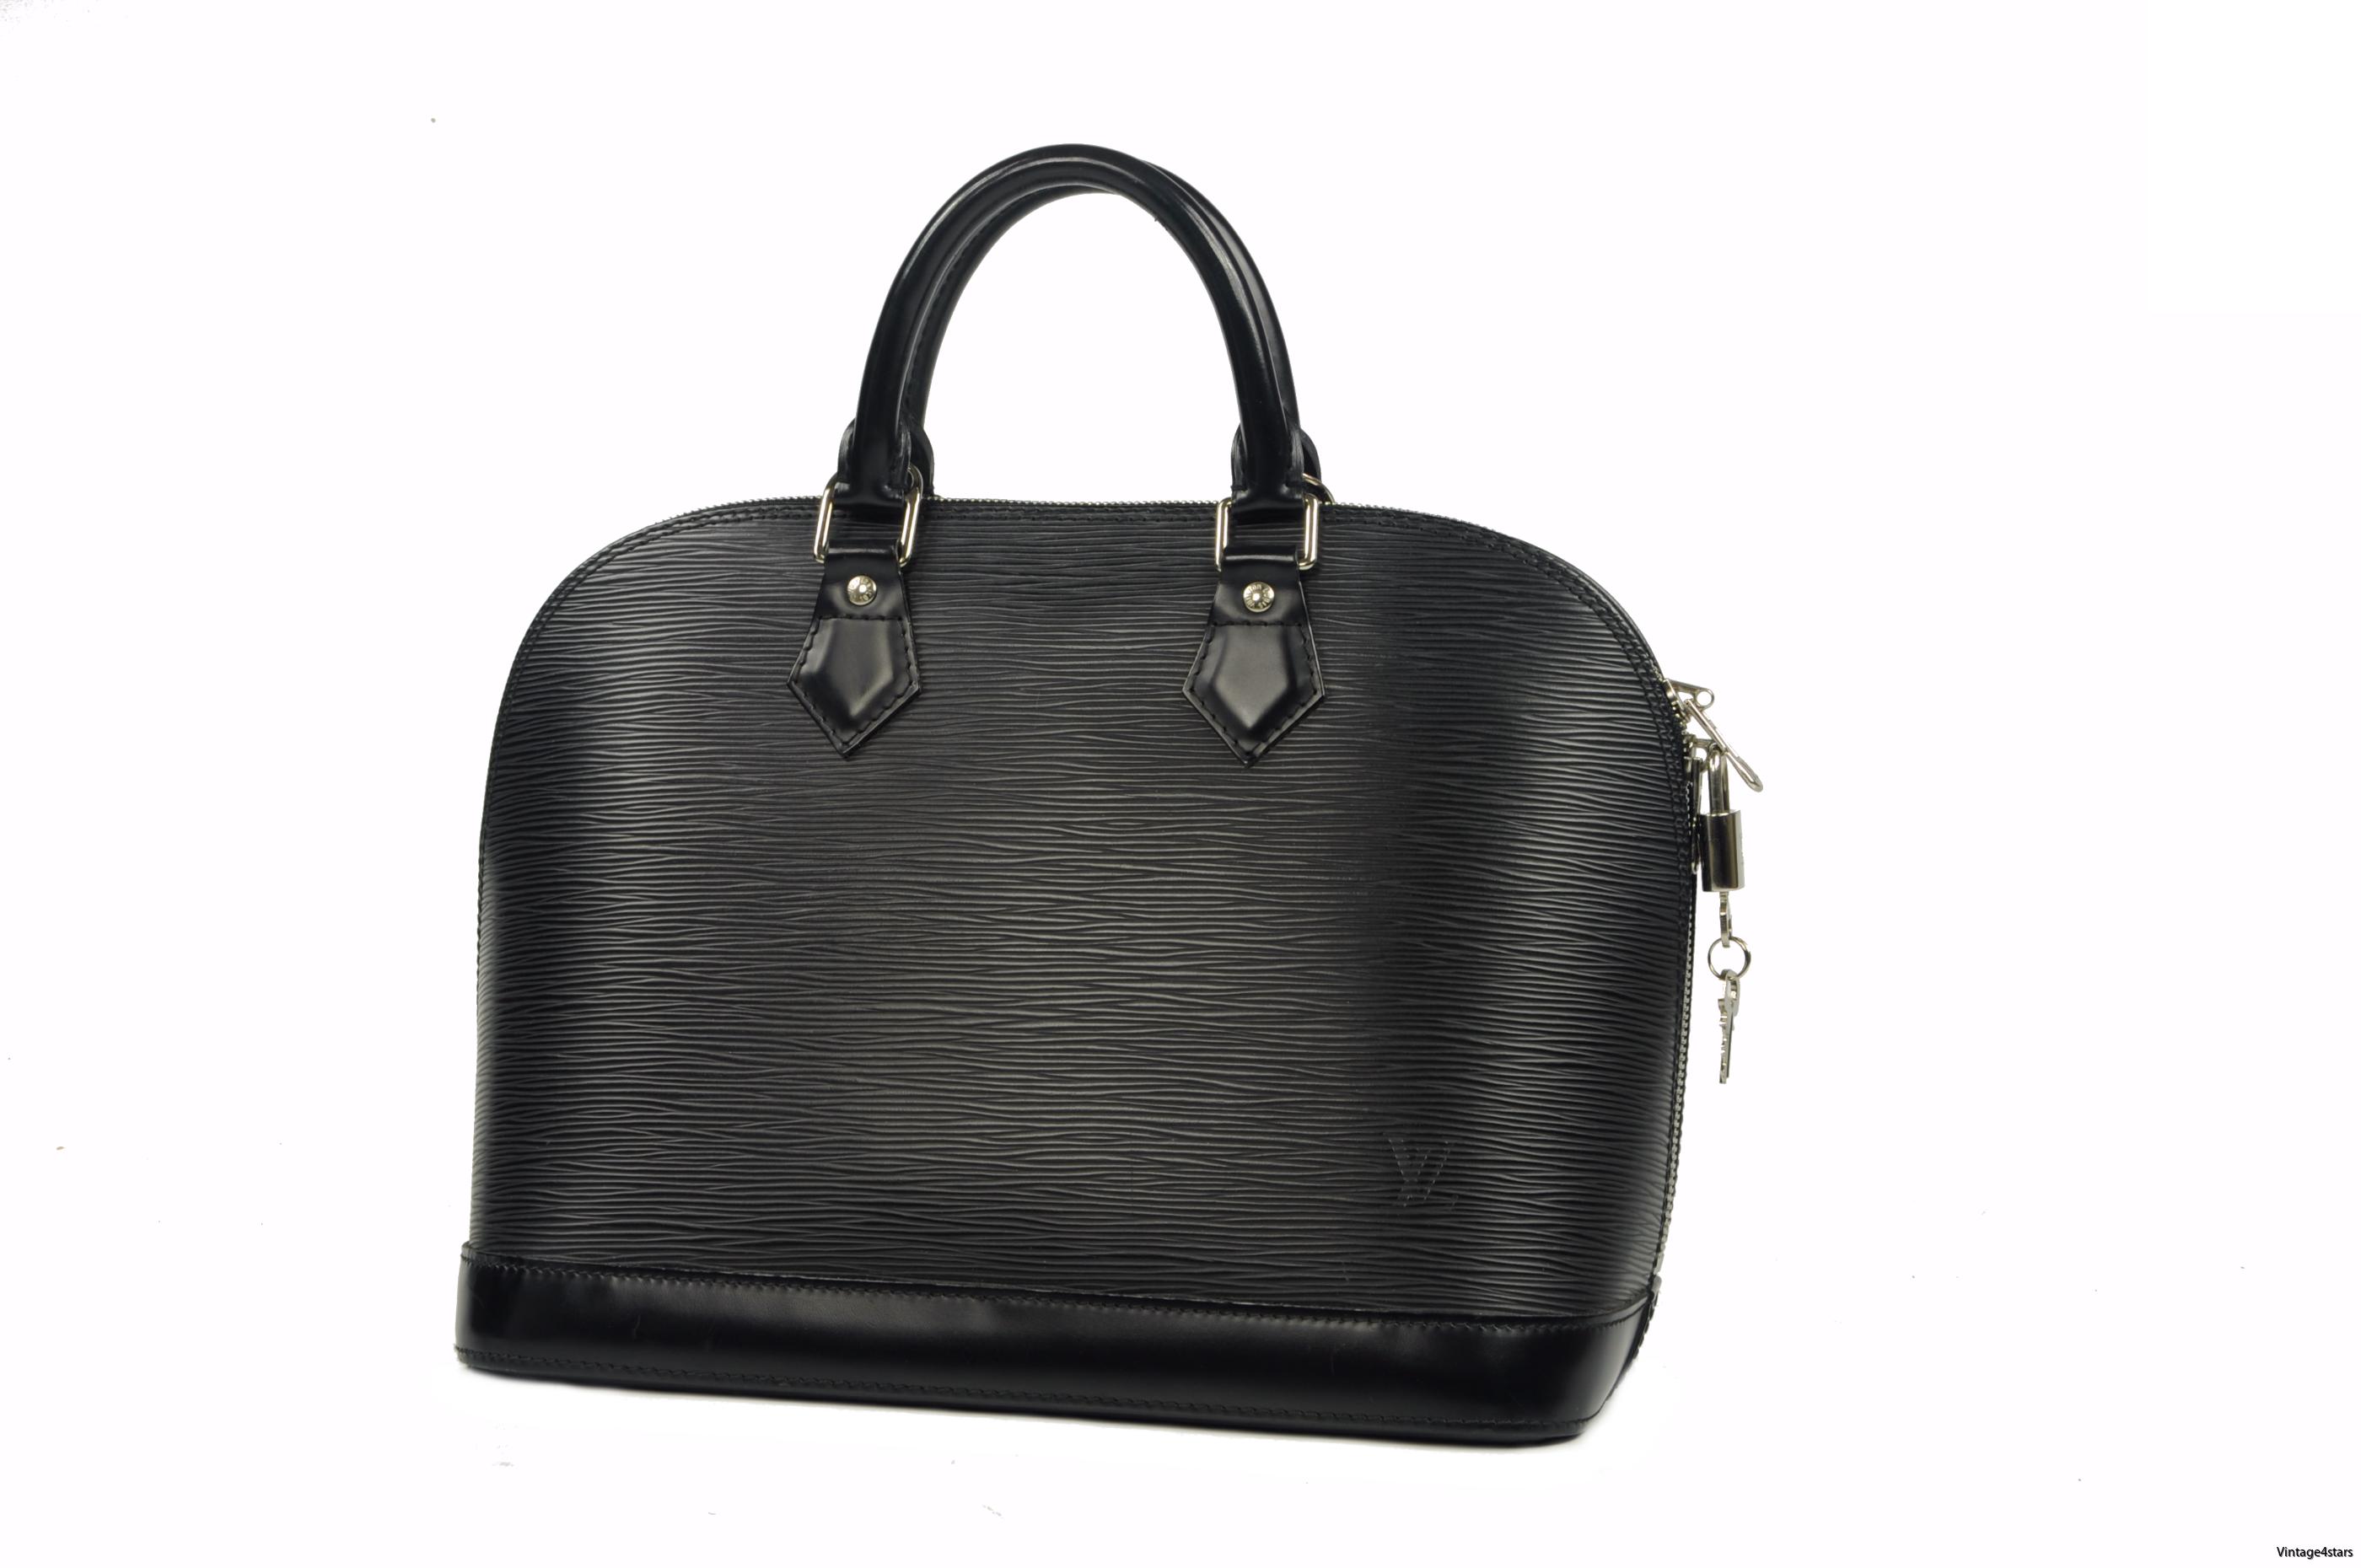 Louis Vuitton Alma PM SHW 4